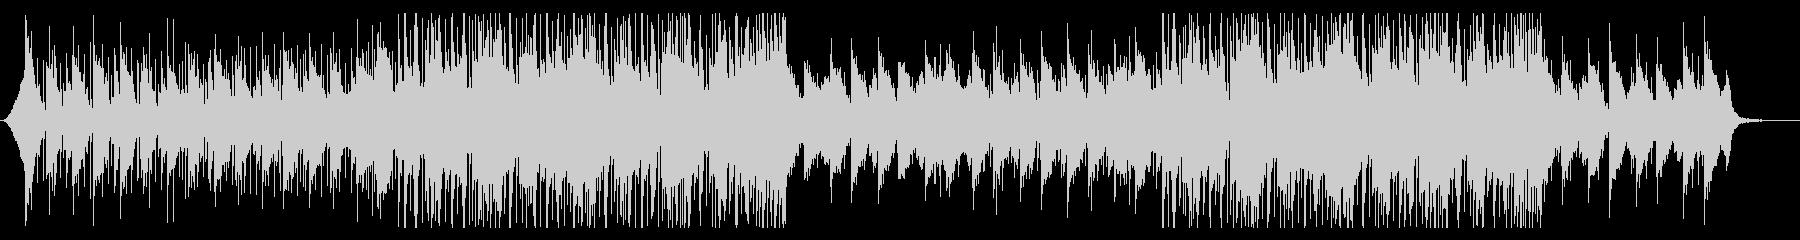 エレピをメインとしたムーディーなハウス曲の未再生の波形